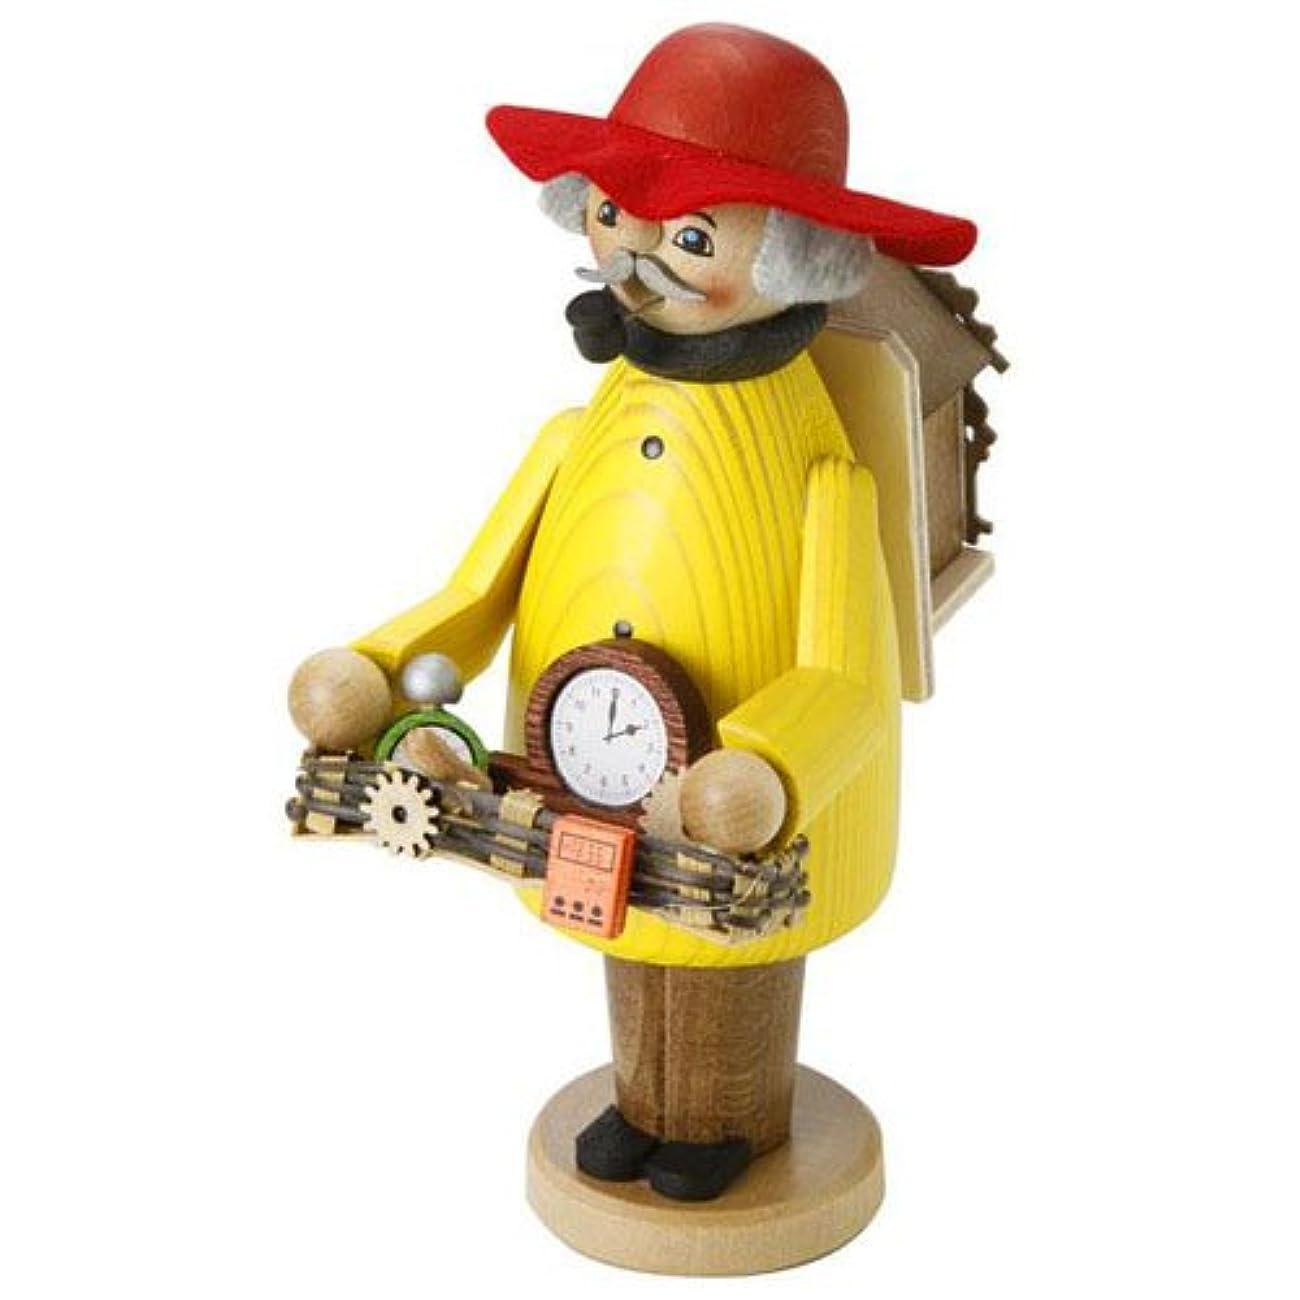 公勢いコショウkuhnert ミニパイプ人形香炉 時計売り